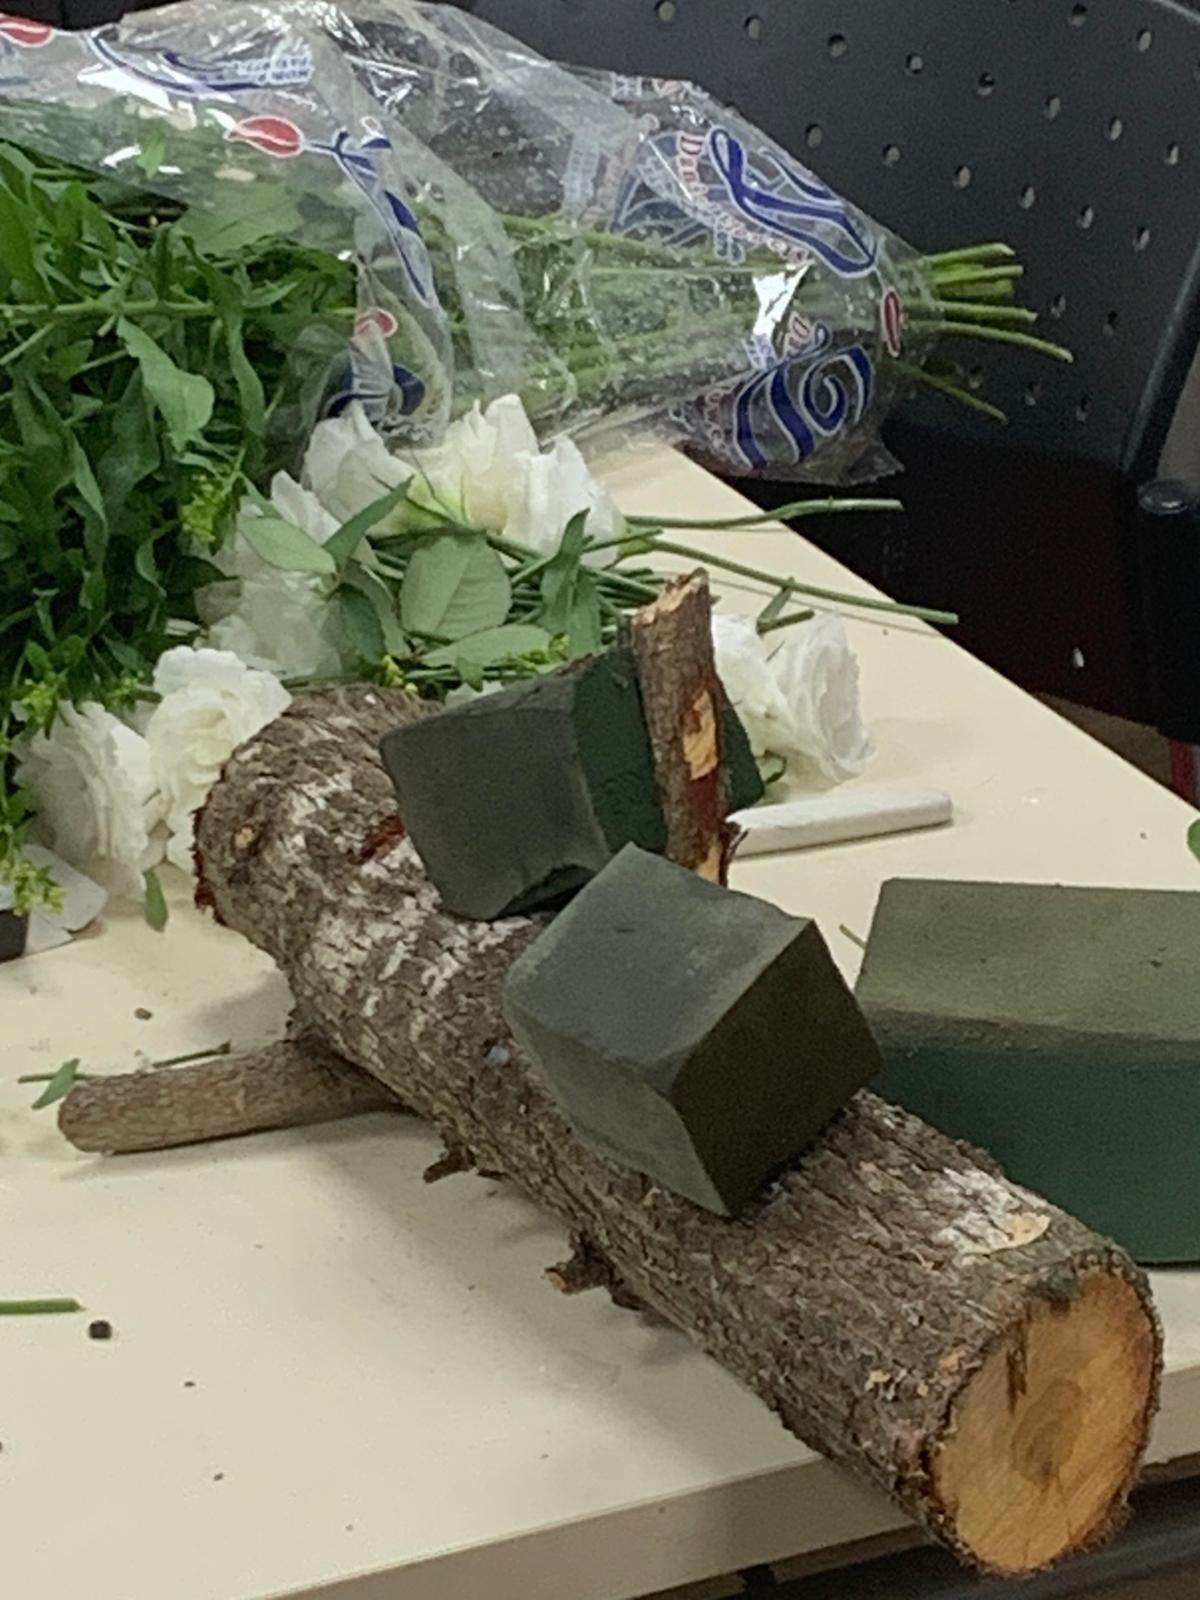 גלרייה - שיעור שזירת פרחים - קורס הפקת אירועים מחזור 24, 21 מתוך 35